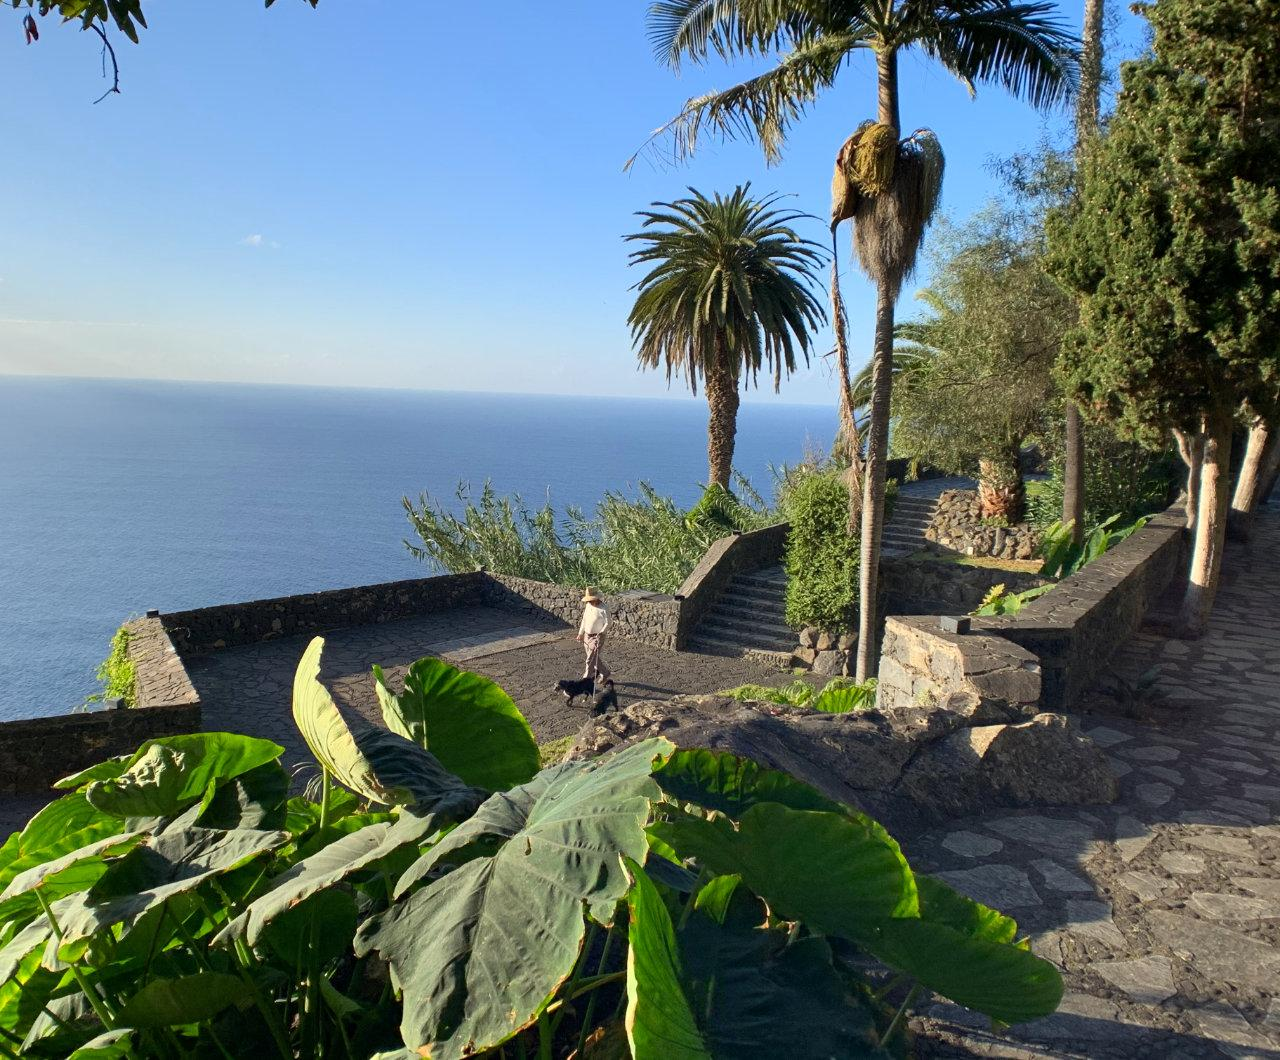 Panoramablick über Palmen über den Atlantik im Parque de los Lavaderos; Bild: Roland Strobl